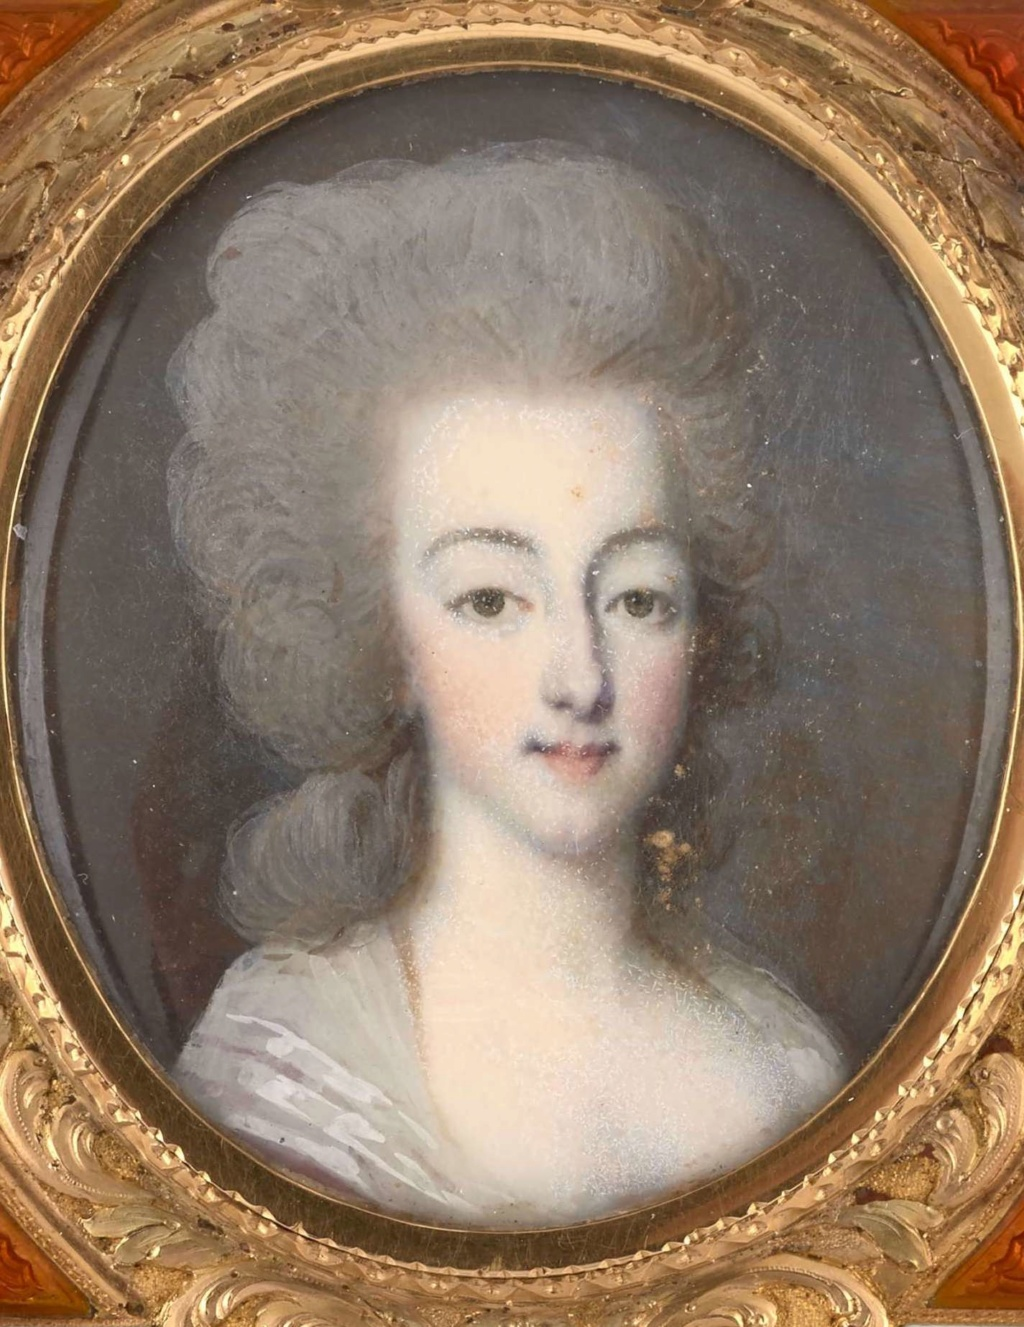 Portraits de Marie-Antoinette sur les boites et tabatières - Page 2 4013_117